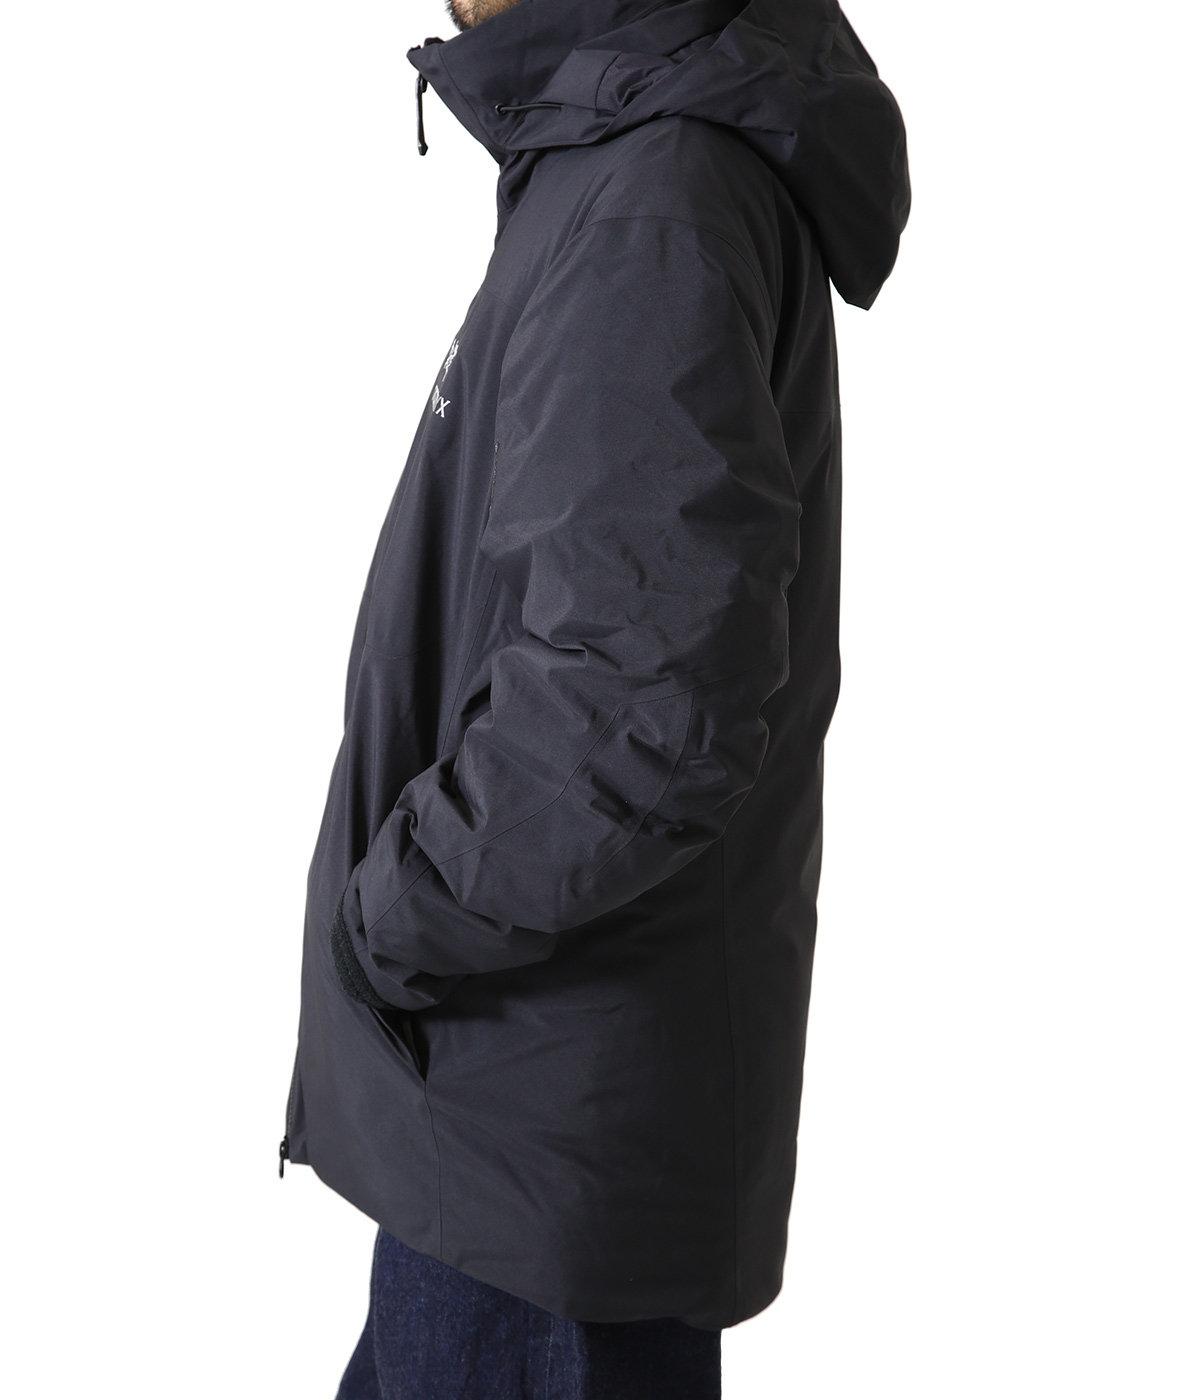 Fisson SV Jacket Men's